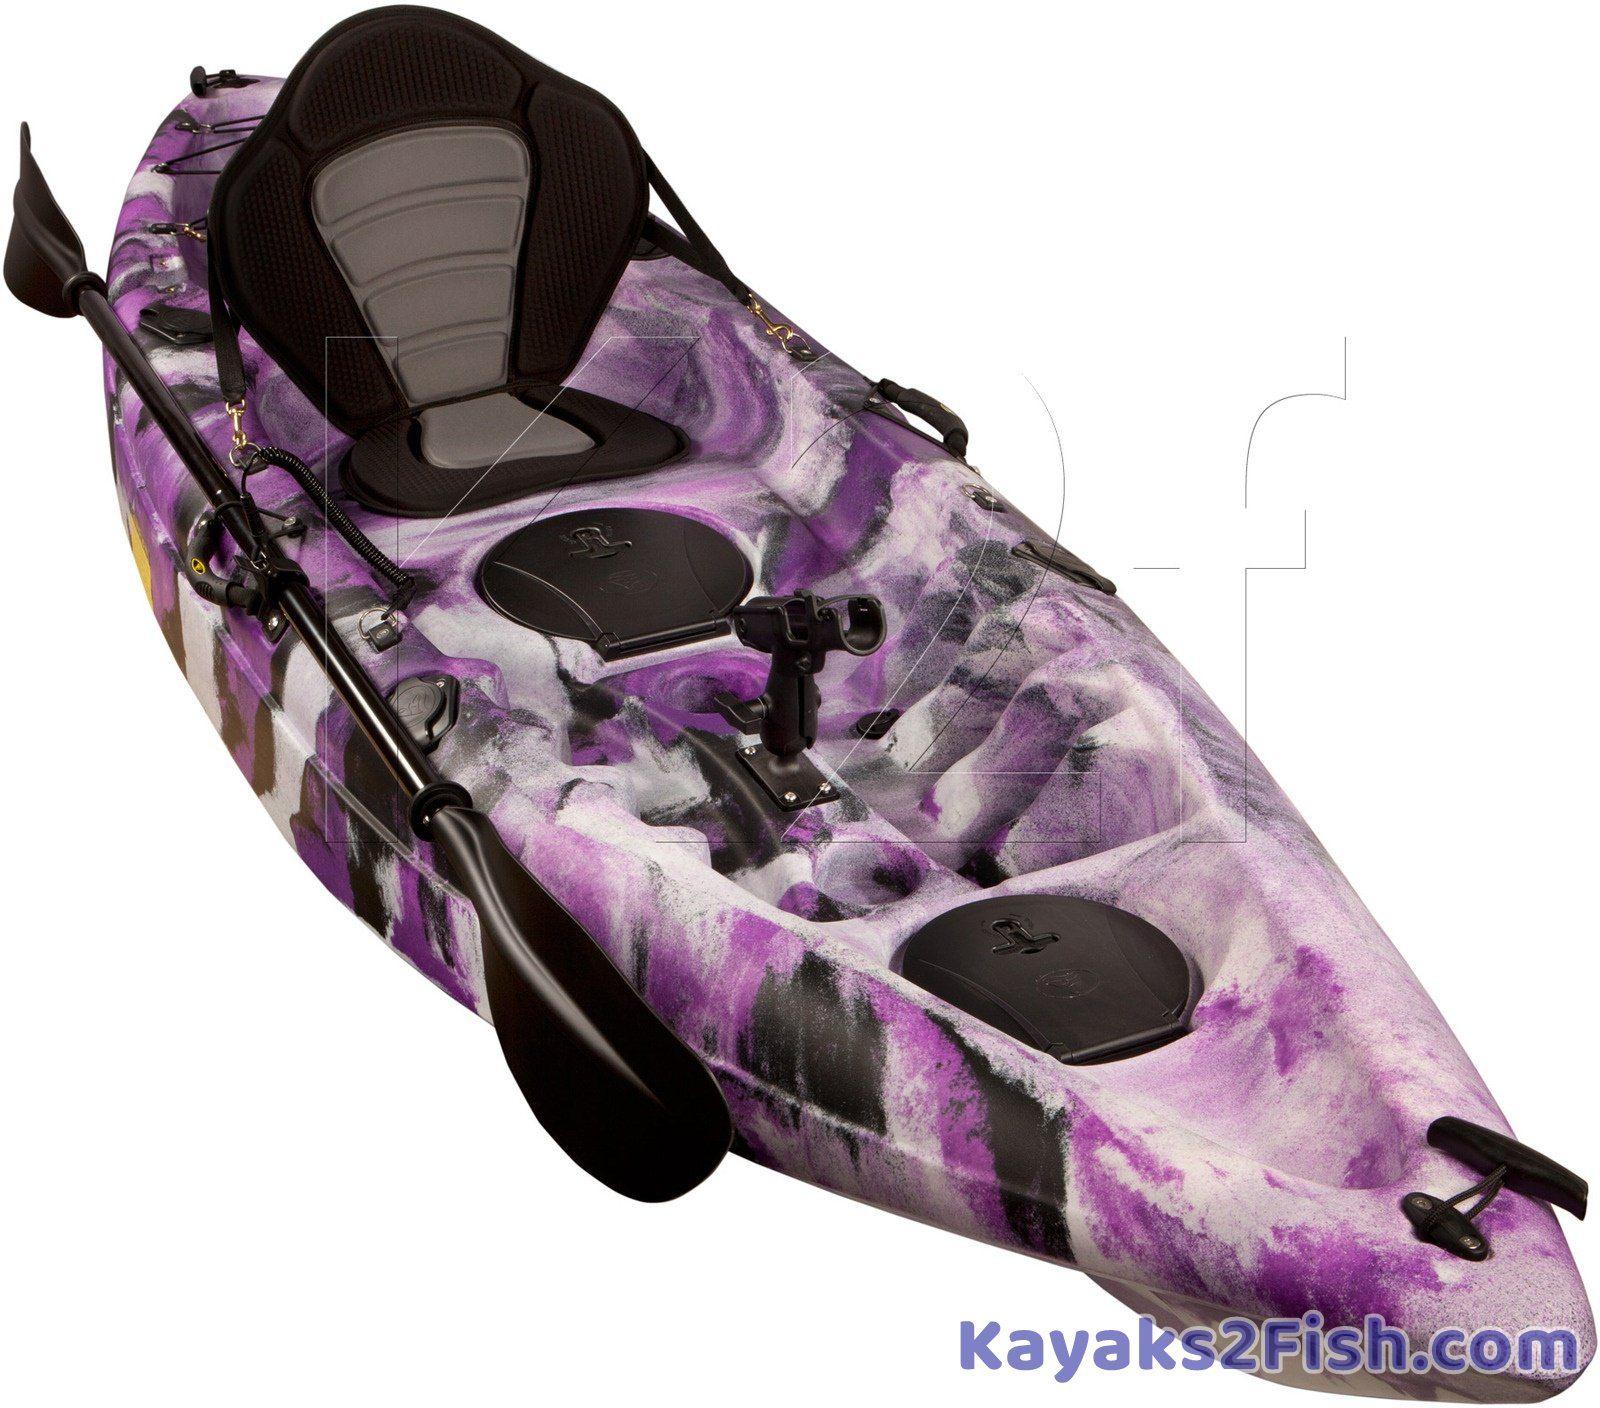 Fishing Kayak Kayak For Sale Sea Kayak Kayak Fishing Inflatable Kayak Fishing Kayaks Double Kayak K Kayak Accessories White Water Kayak Kayak Fishing